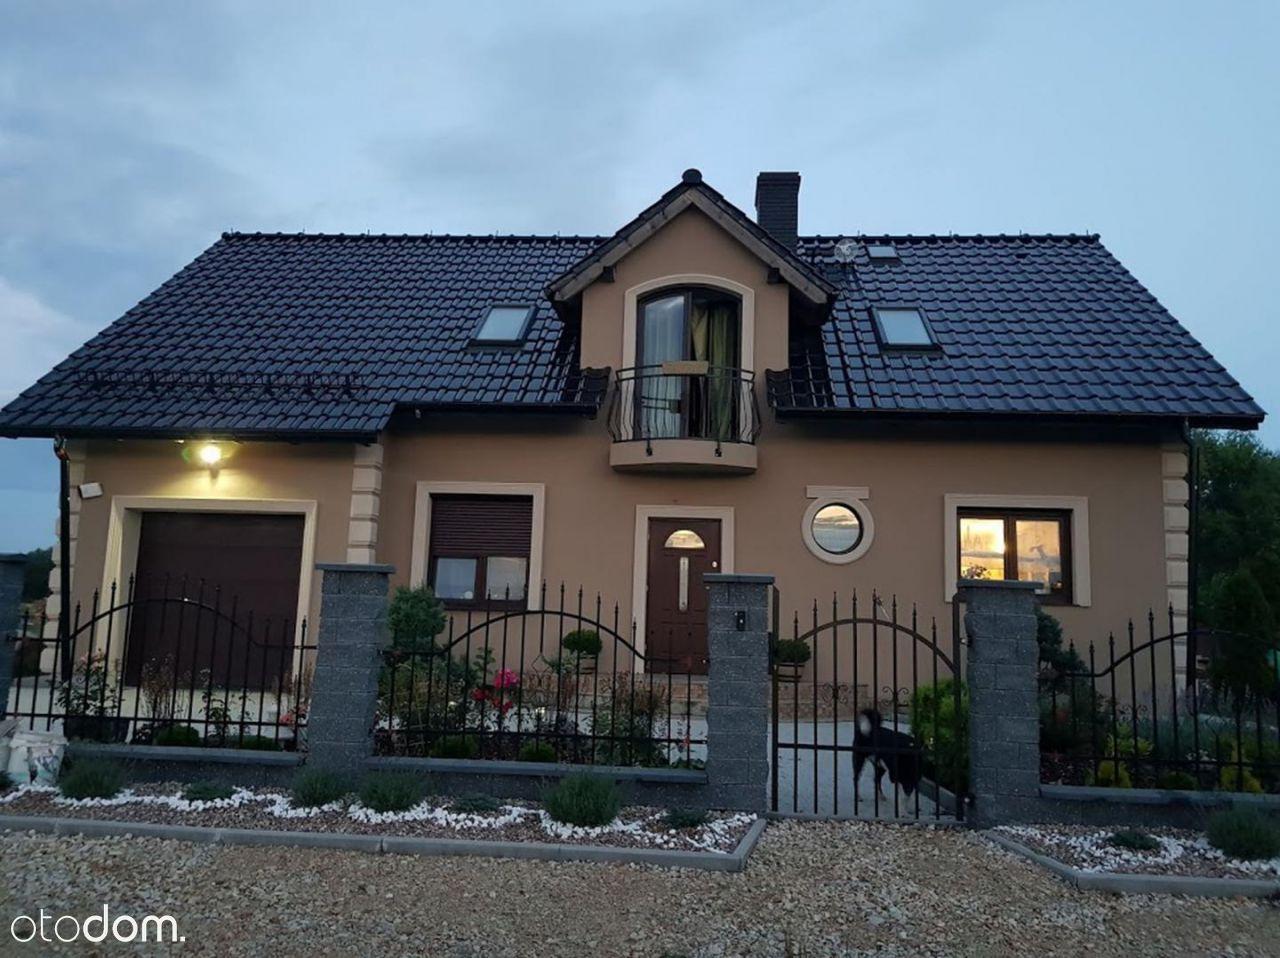 Nowy dom w zielonej okolicy